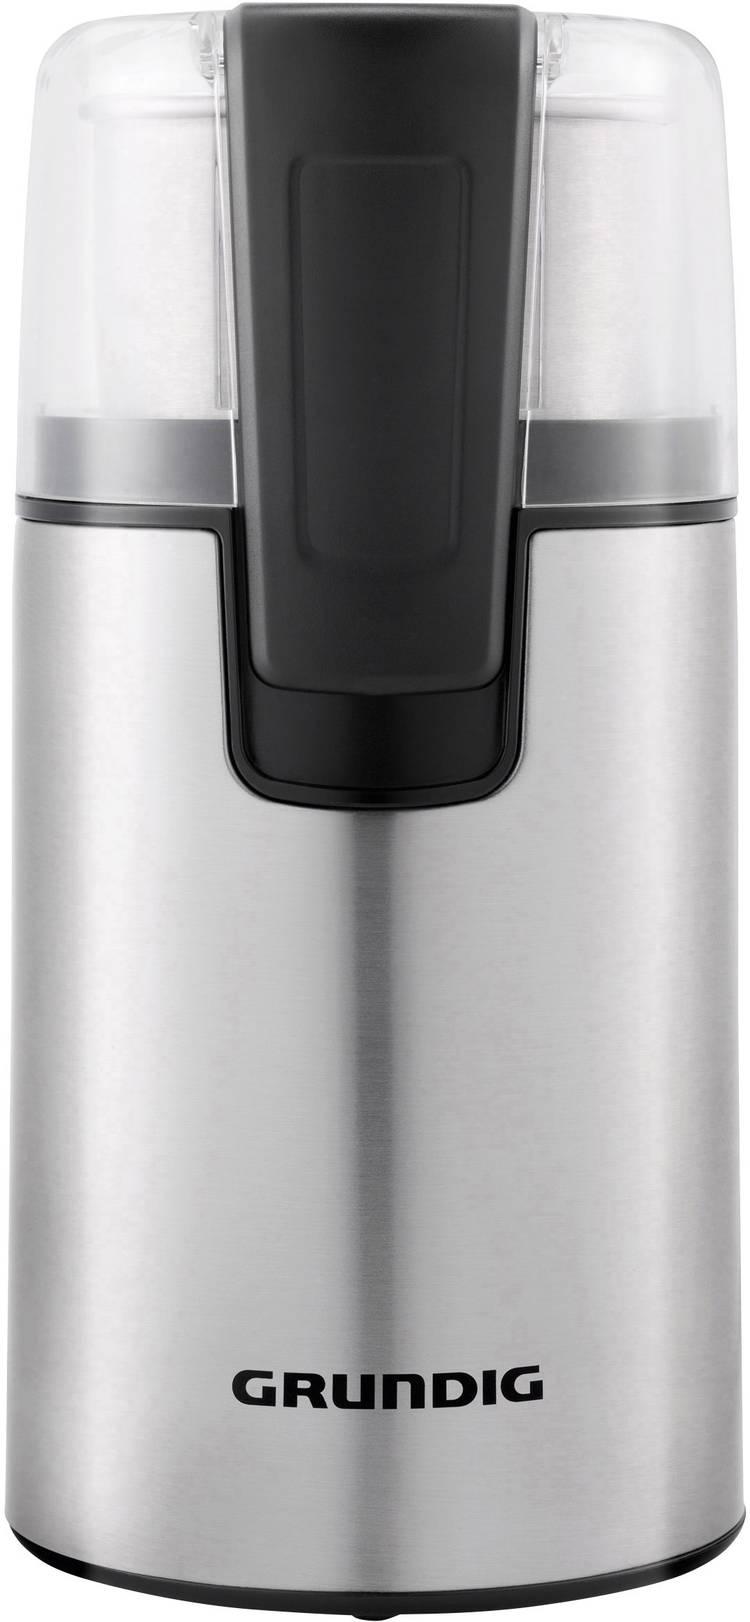 Image of Koffiemolen Grundig CM 4760 RVS, Zwart GMS2070 Slagmessen